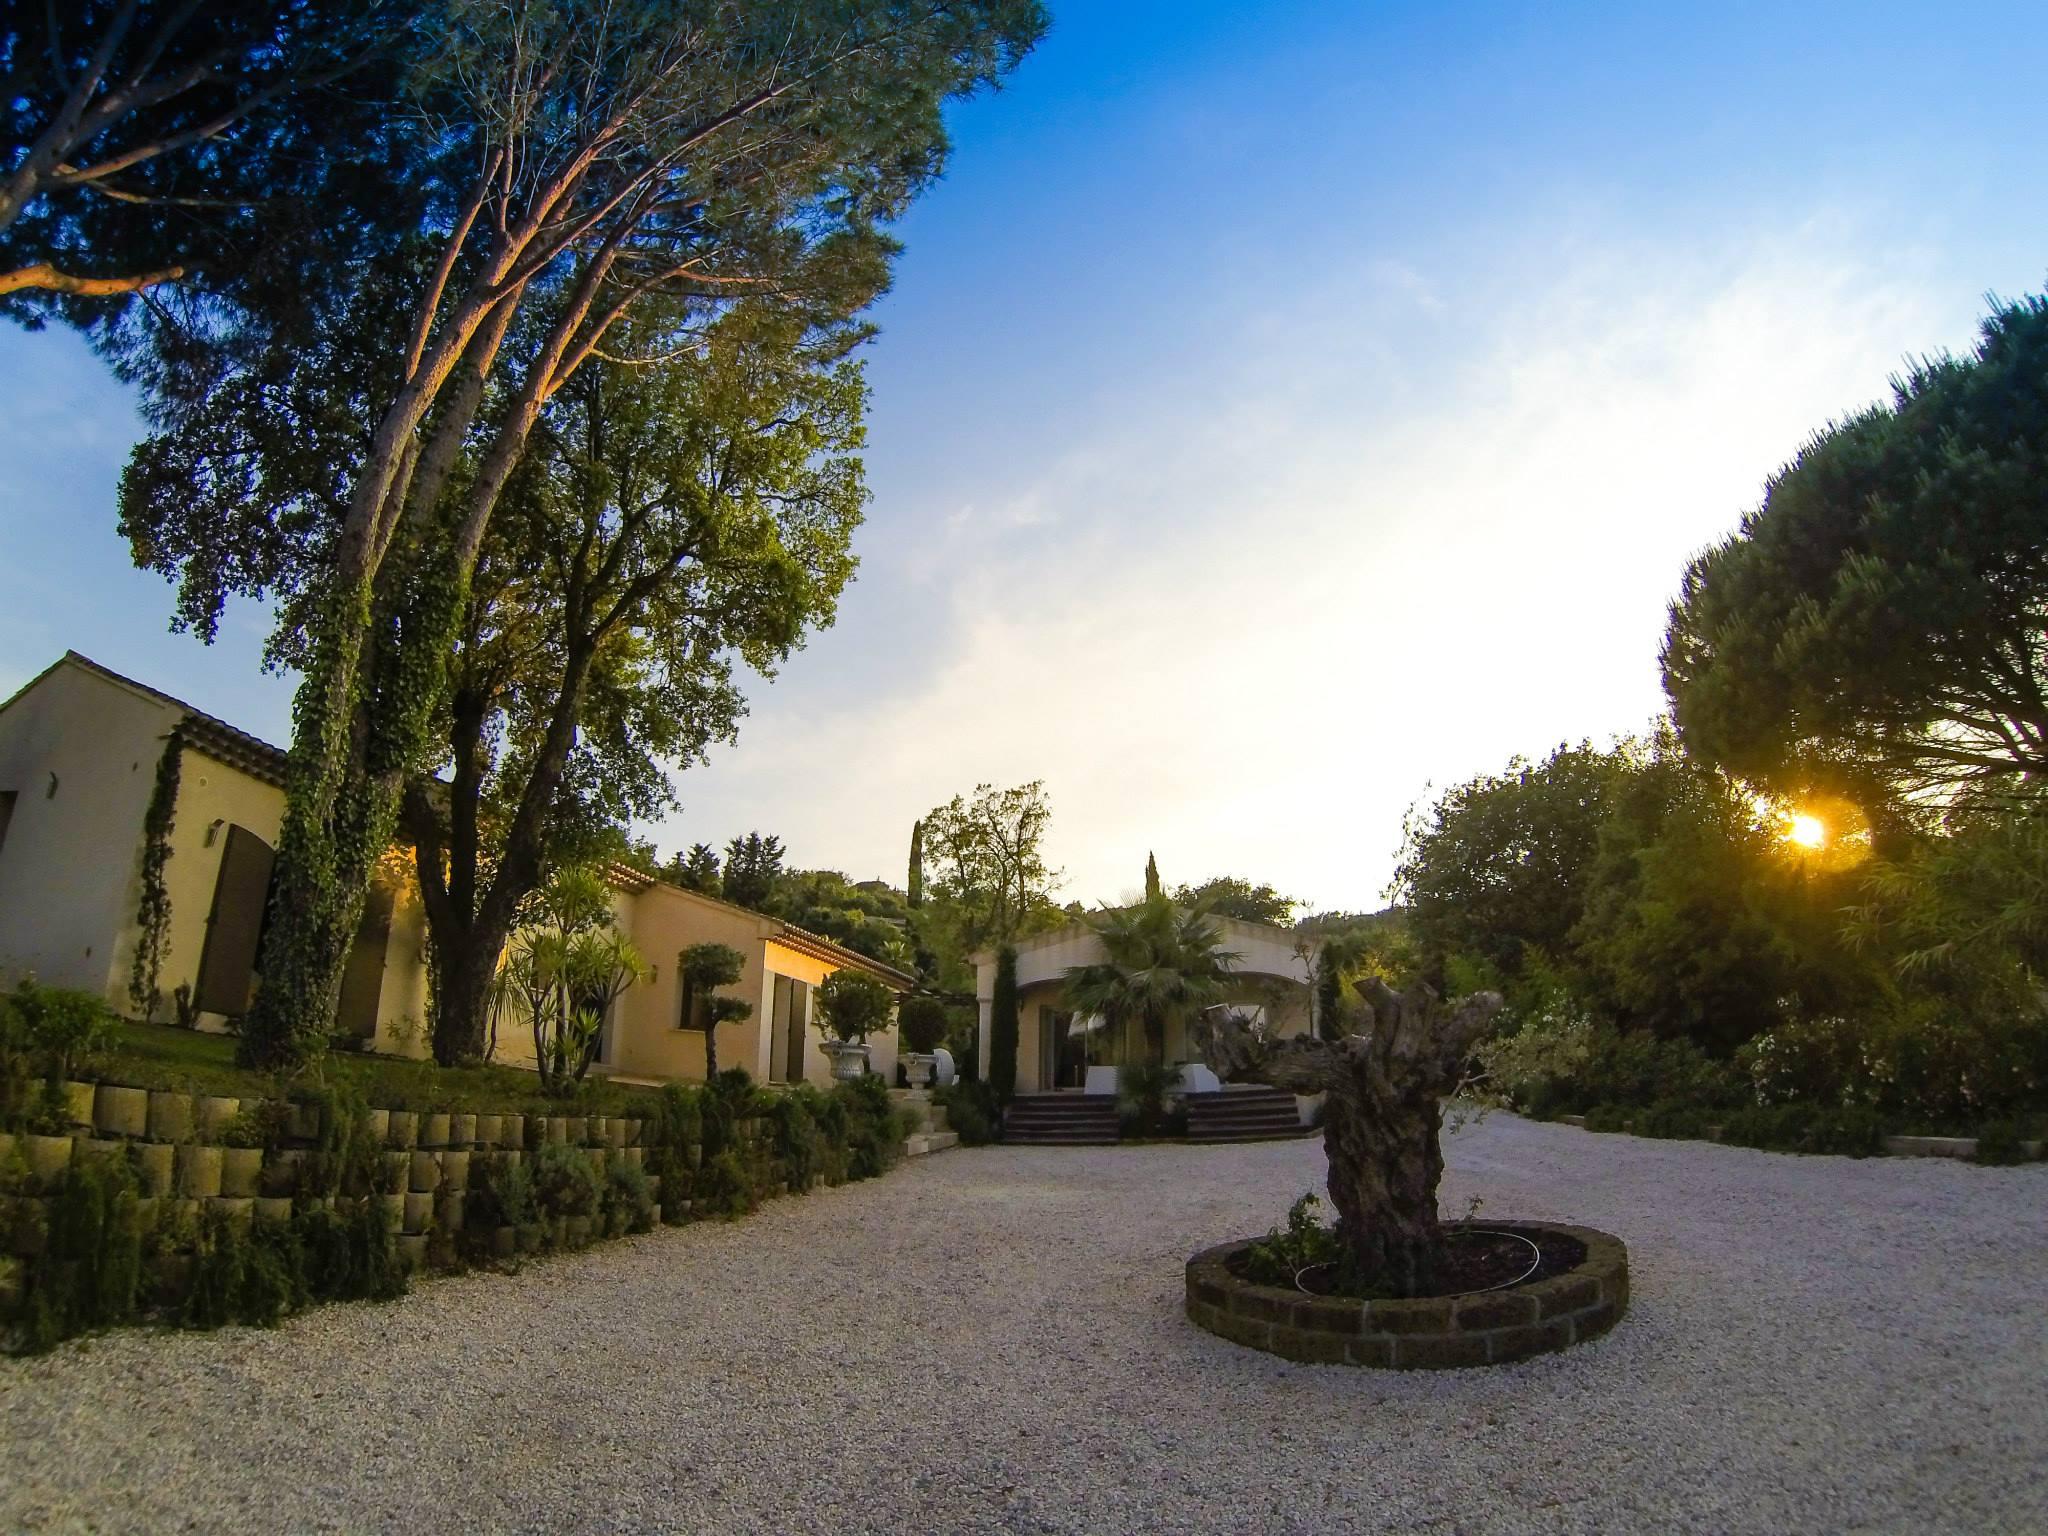 die geissens eroffnen luxus hotel in der provence With markise balkon mit tapete roberto geissini